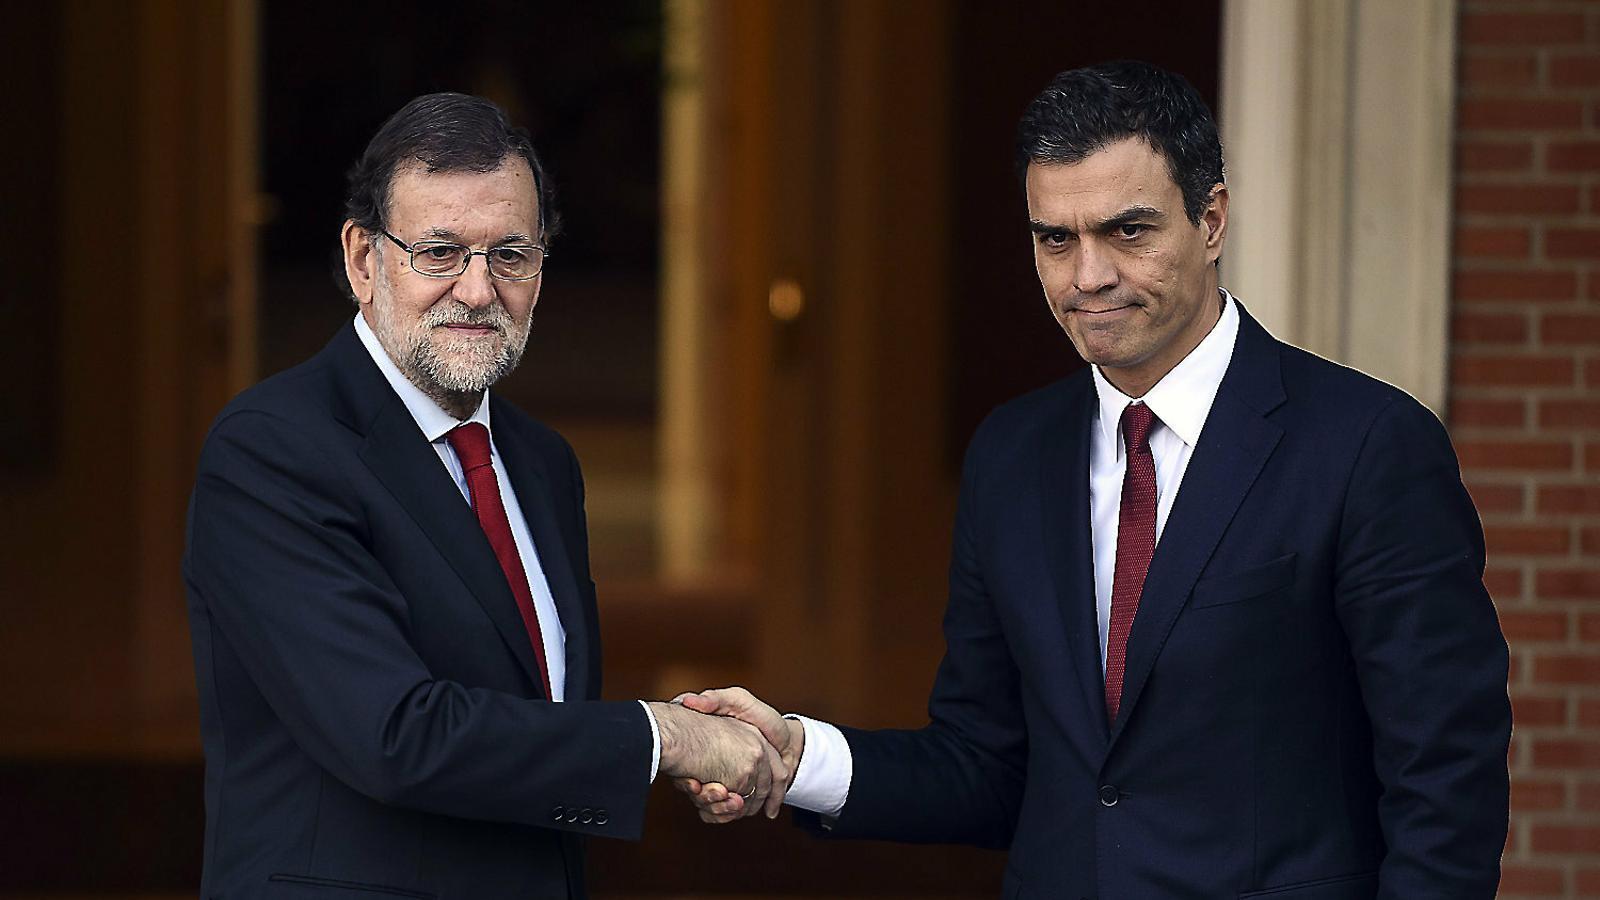 El govern espanyol ha qüestionat   14 lleis balears aquesta legislatura